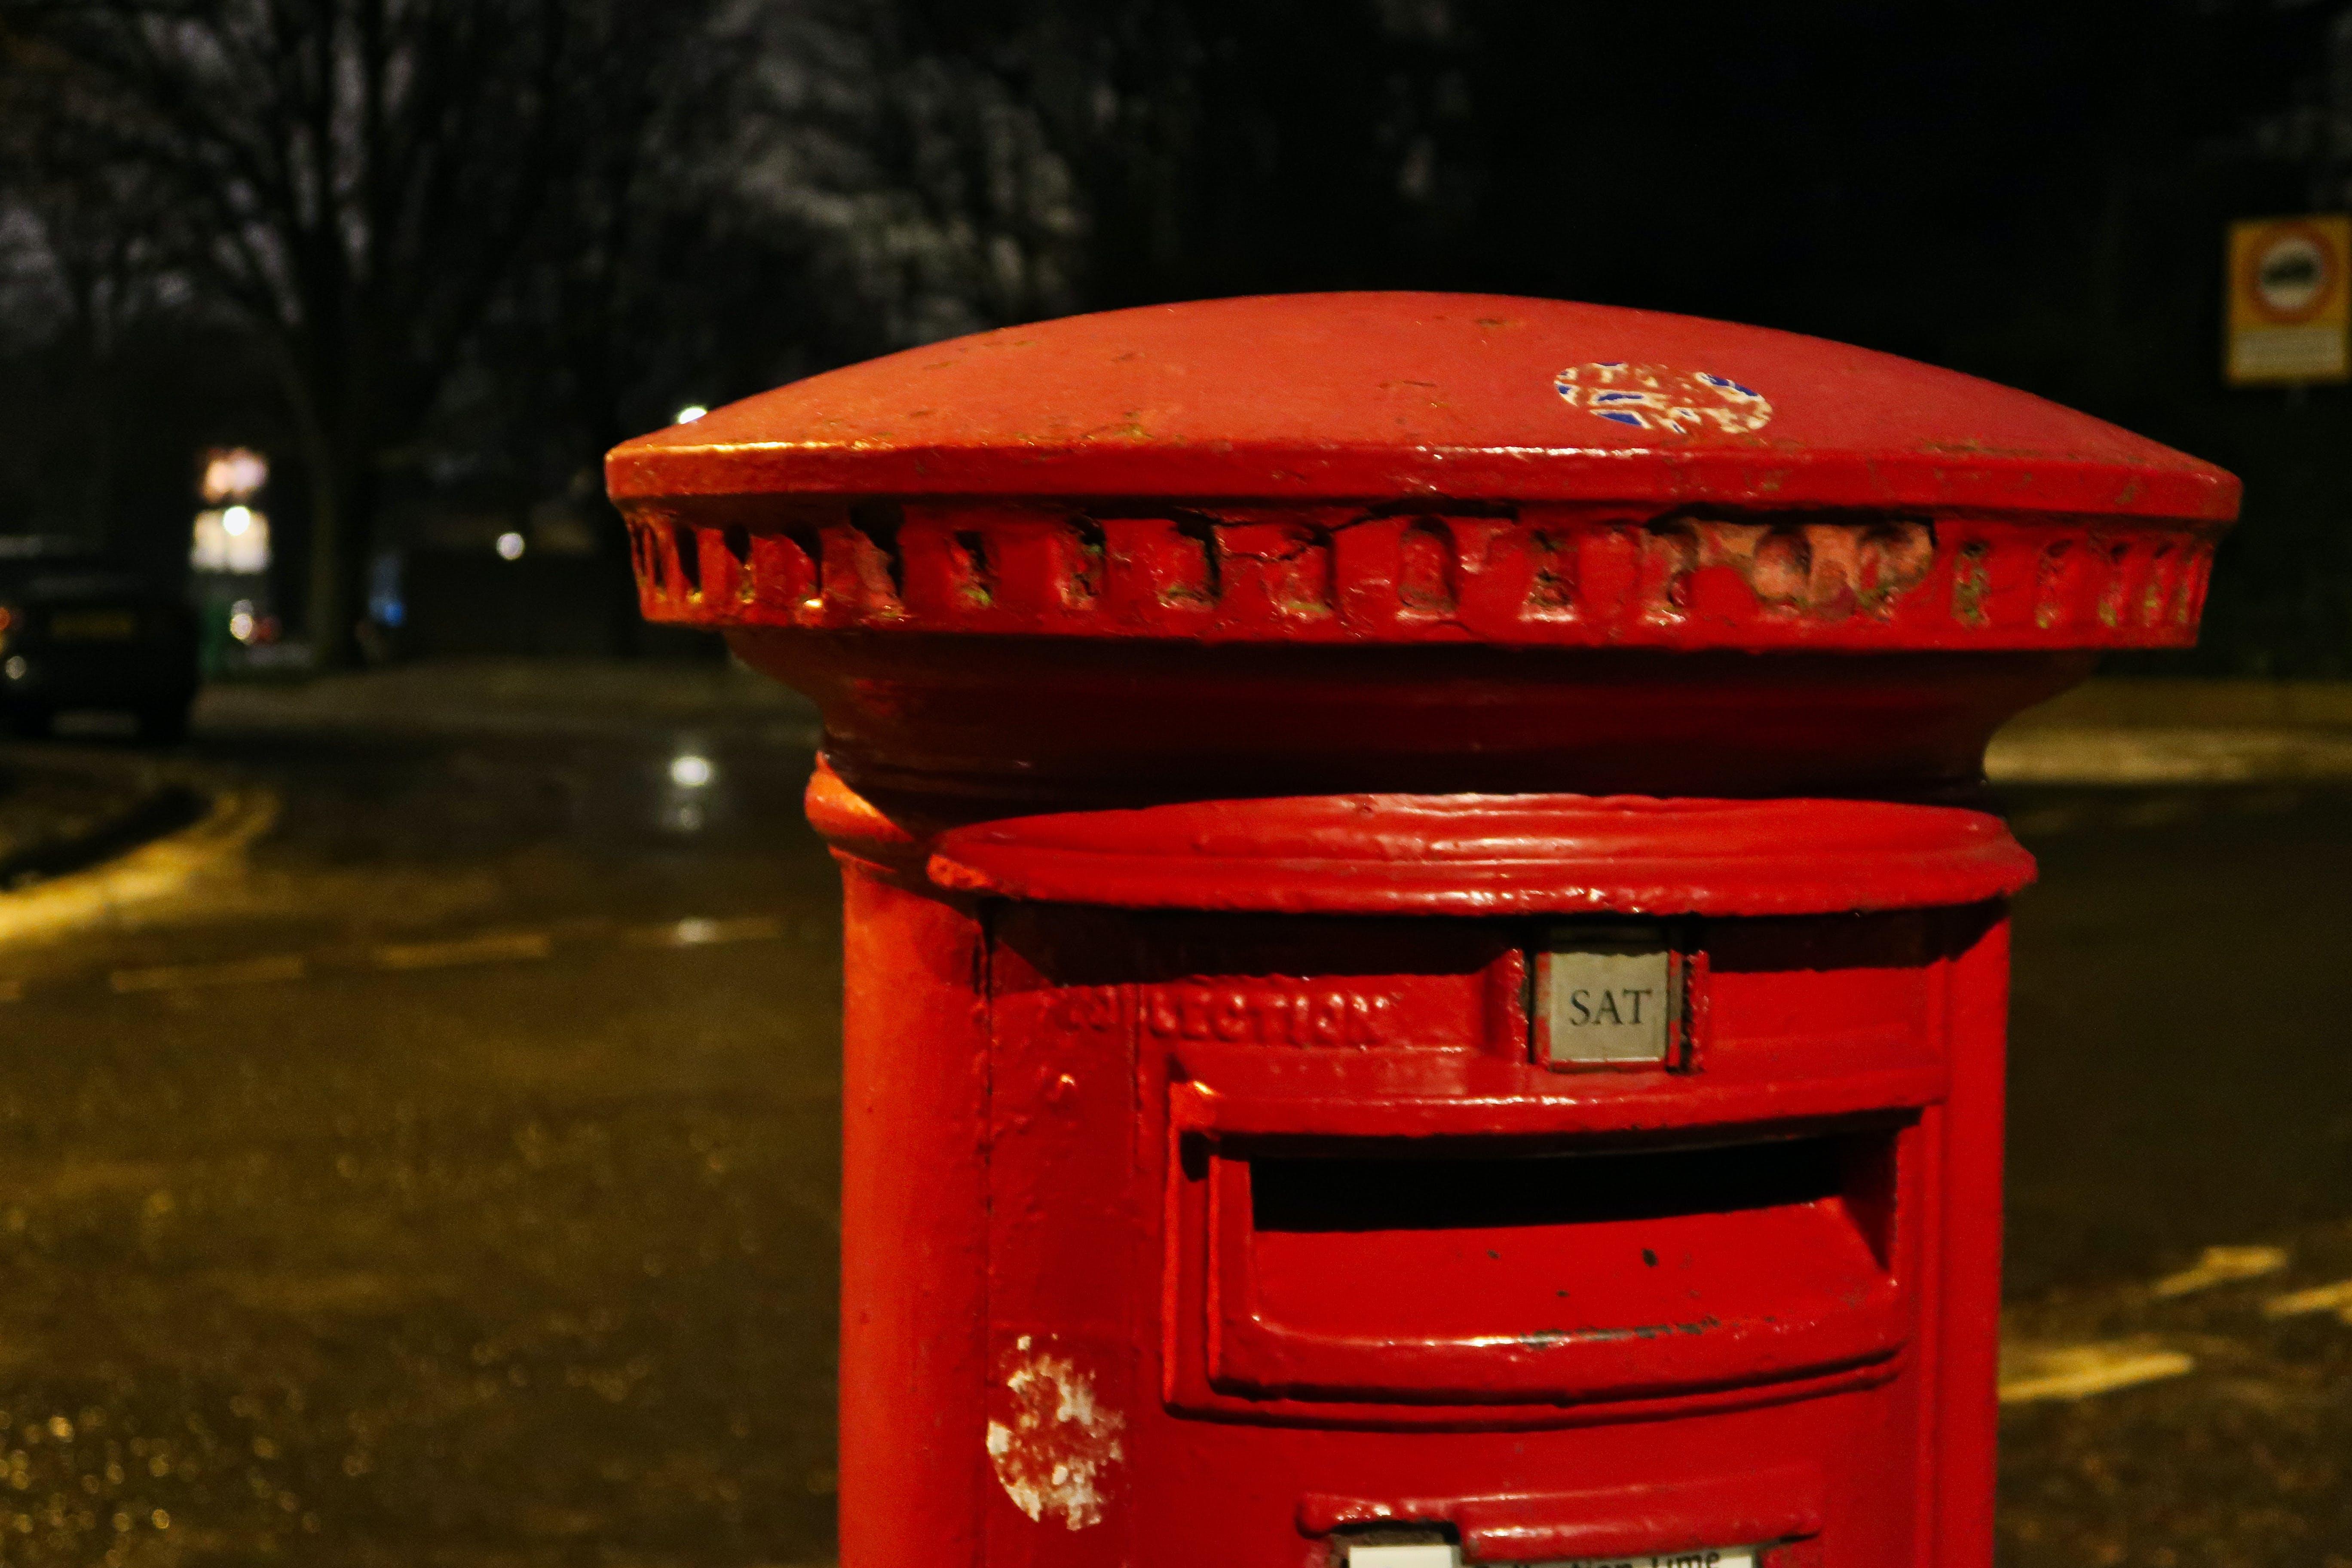 Photos gratuites de boîte aux lettres, boîte aux lettres rouge, boîte de rechange, boîte postale